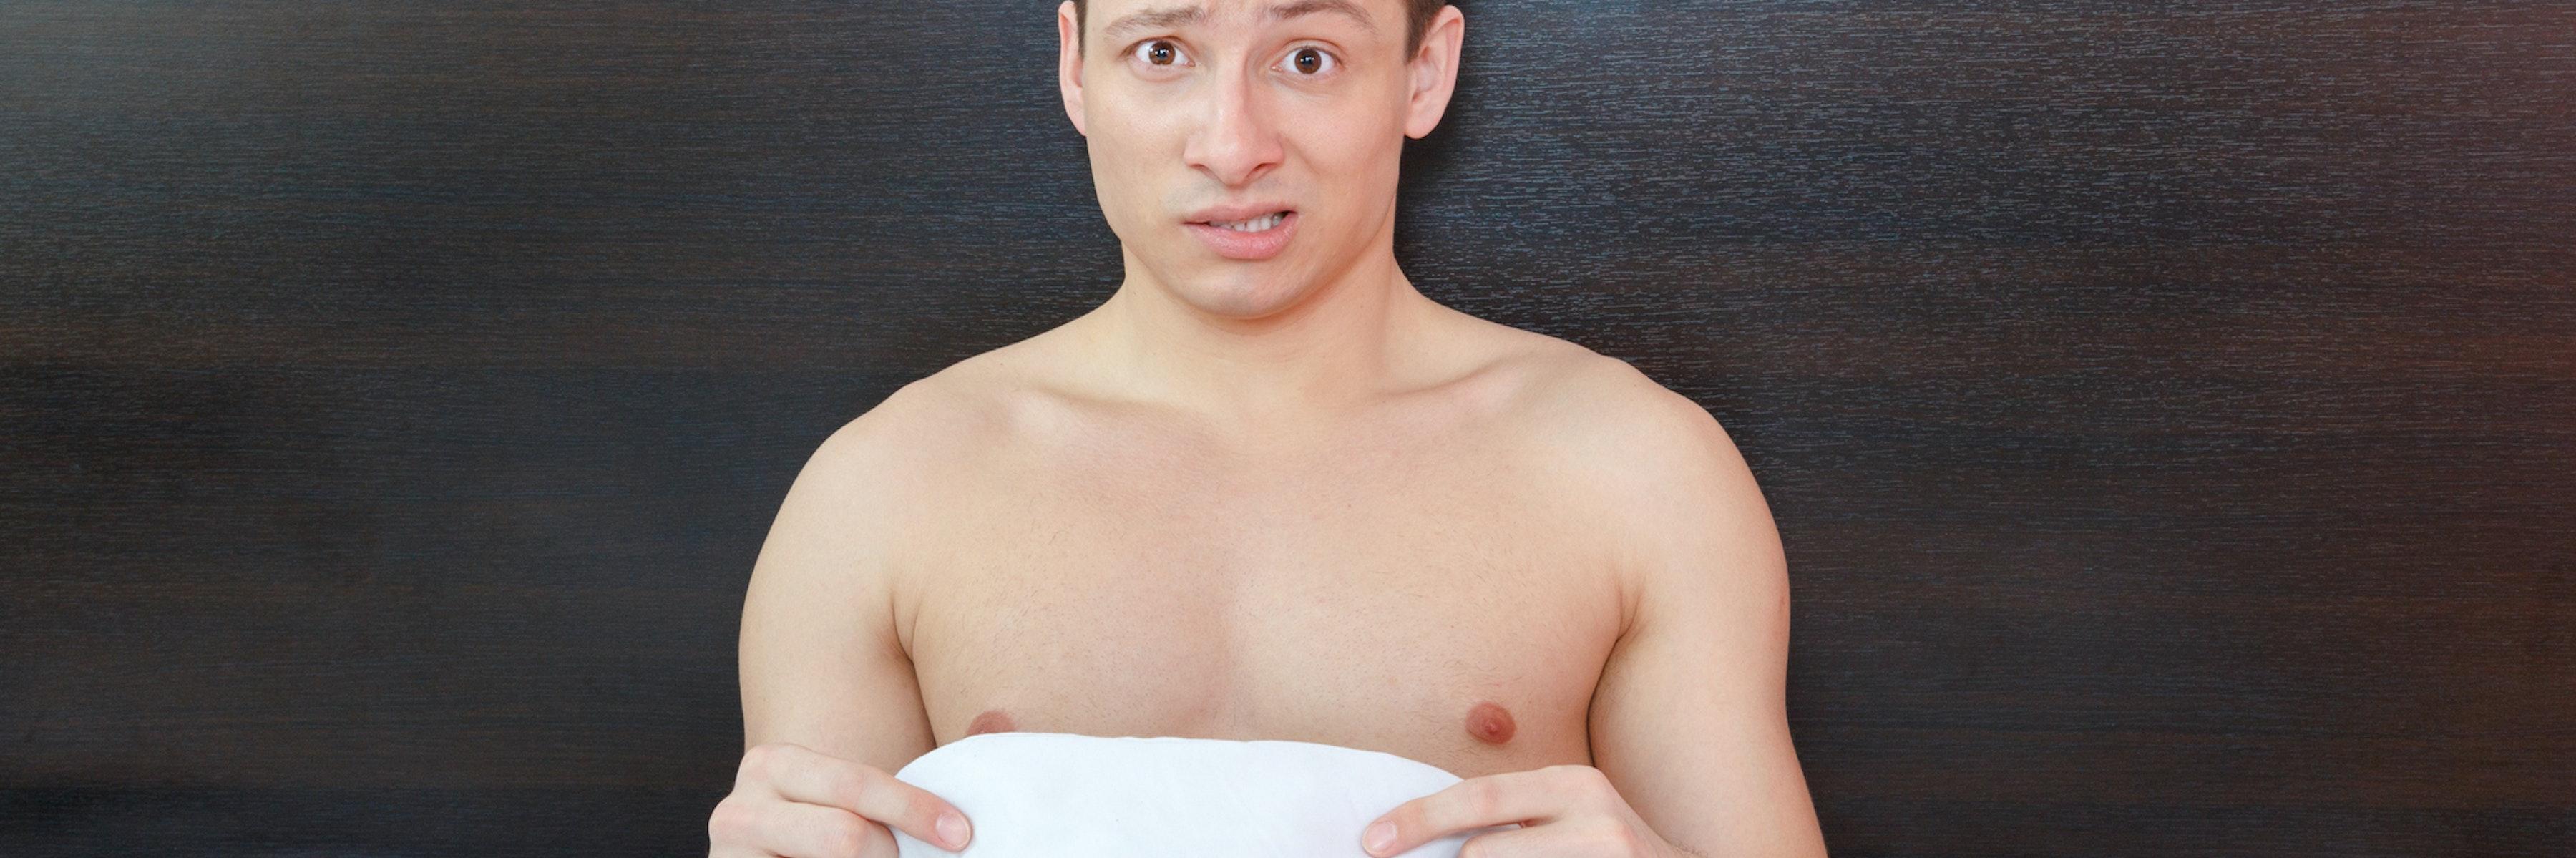 Enuresis Causes Of Adult Bed Wetting